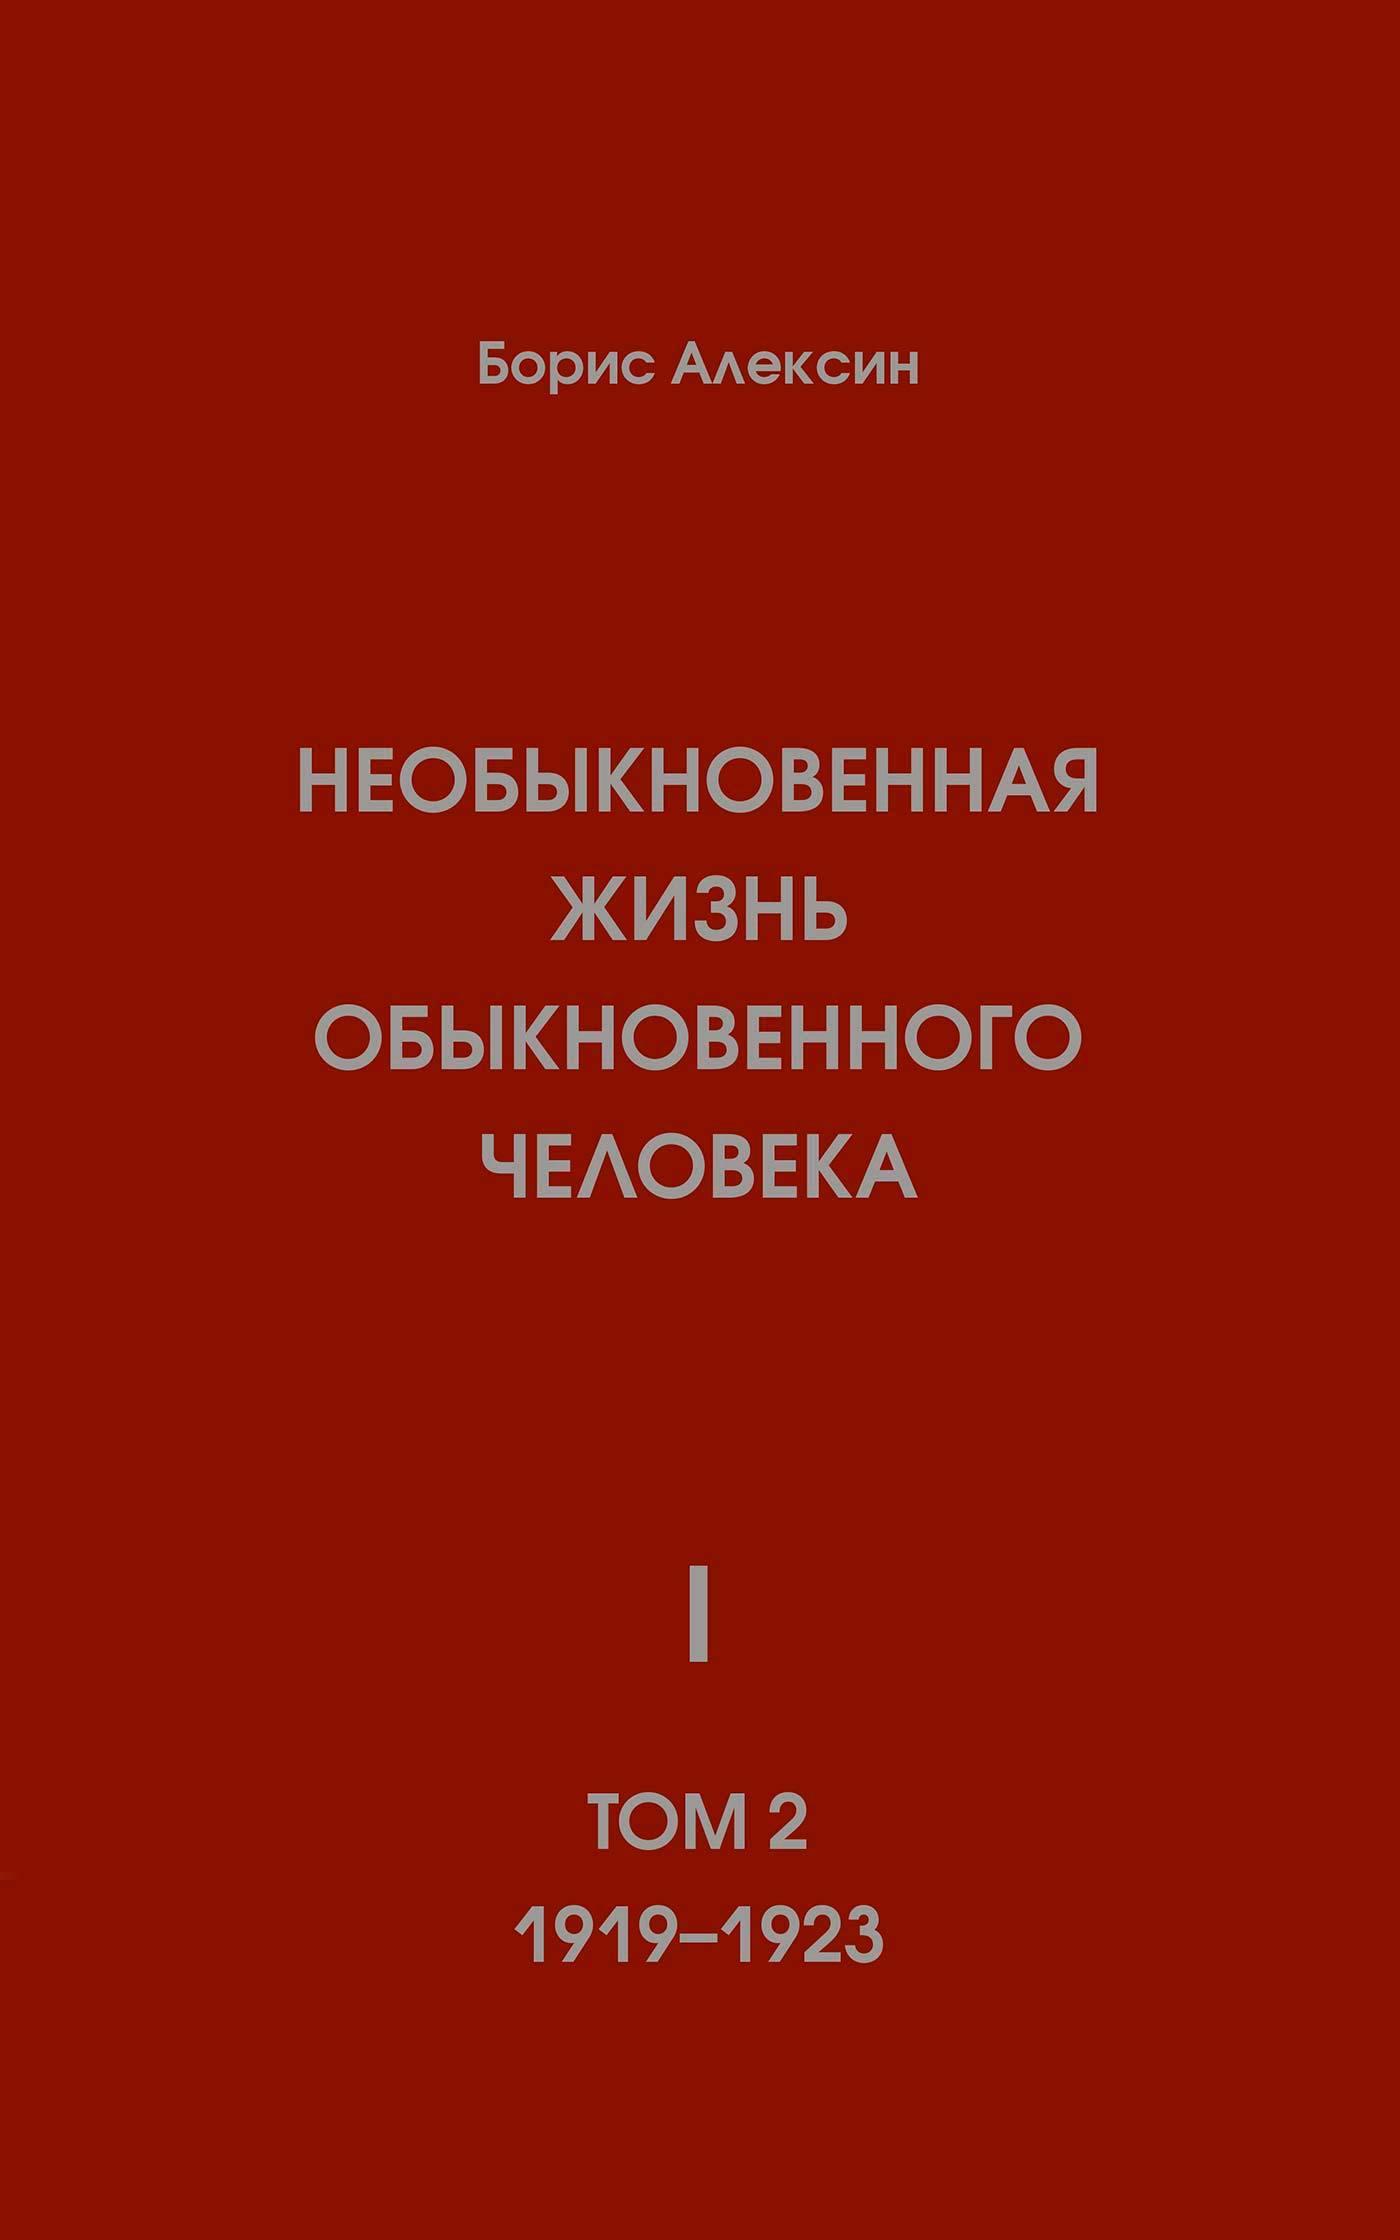 Борис Алексин Необыкновенная жизнь обыкновенного человека. Книга 1. Том 2 мухаммад таки джа фари благоразумная жизнь